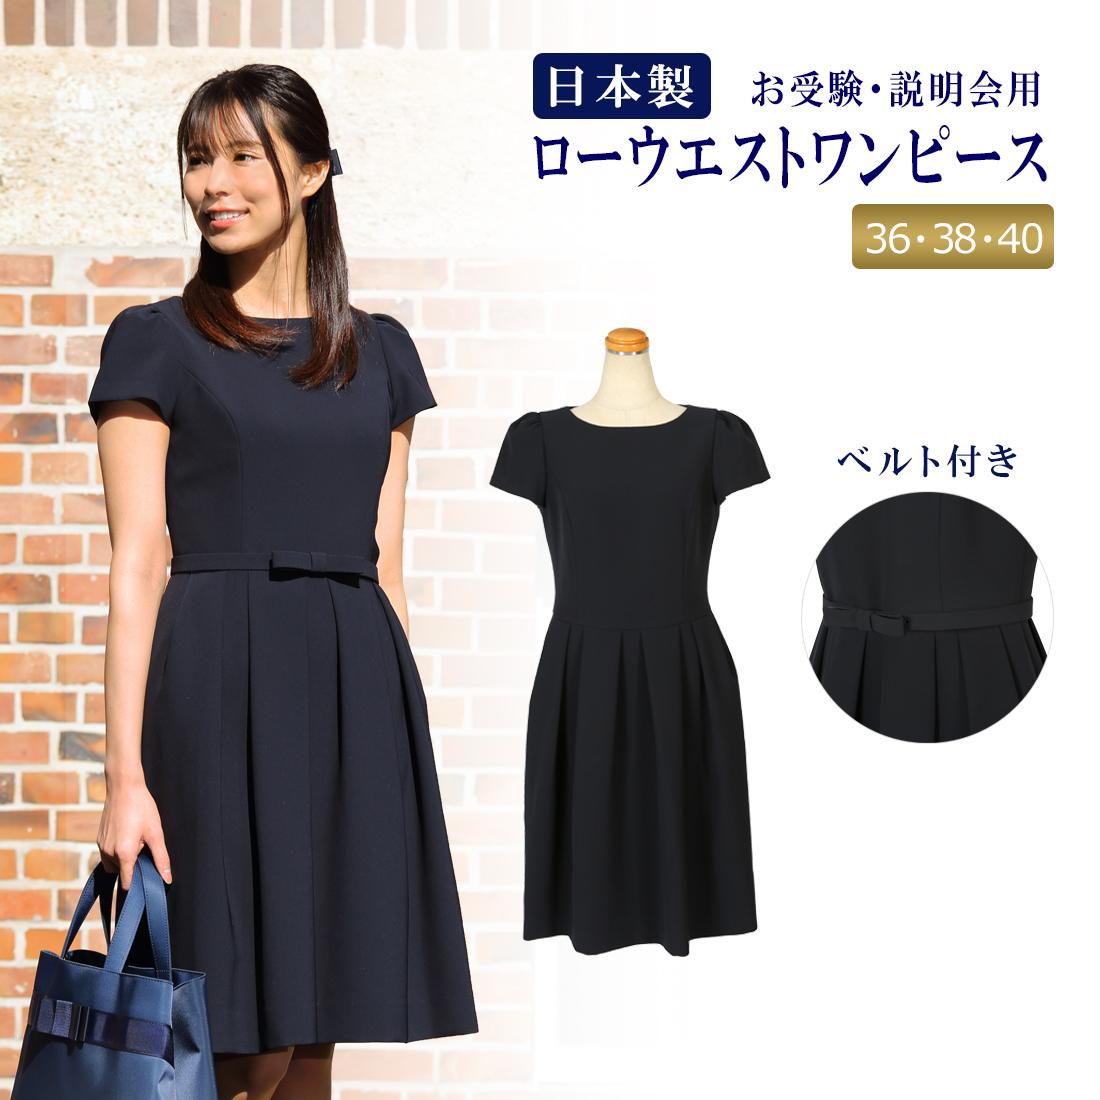 お受験用フェミニンフレア説明会用ローウエストワンピース ベルト付き 濃紺無地 完全日本製 トールサイズにも対応